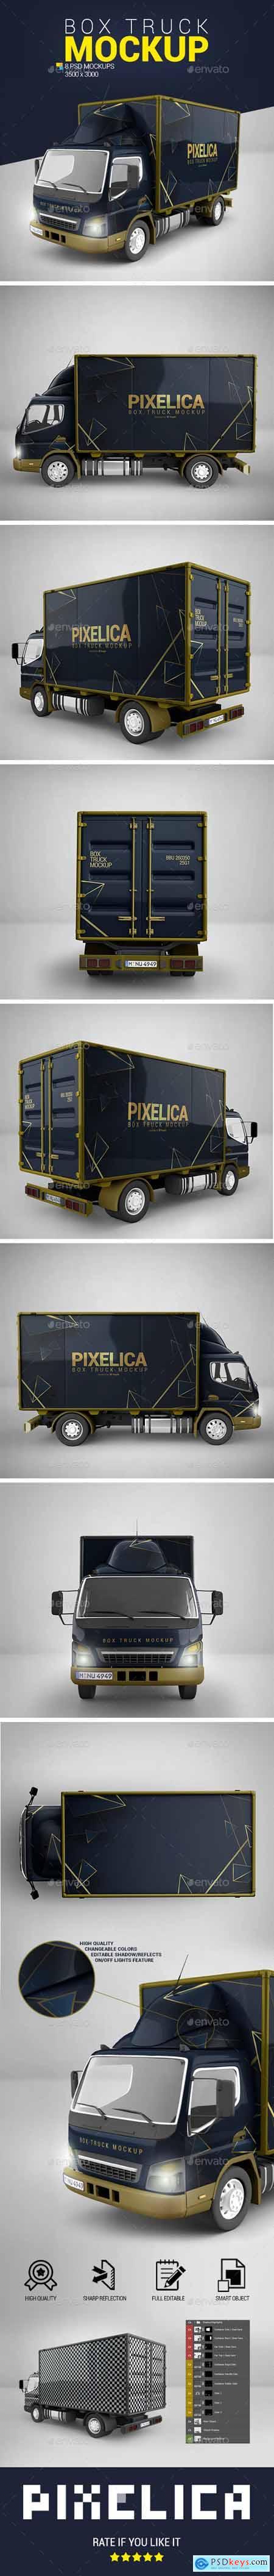 Box Truck Mockup 23680434